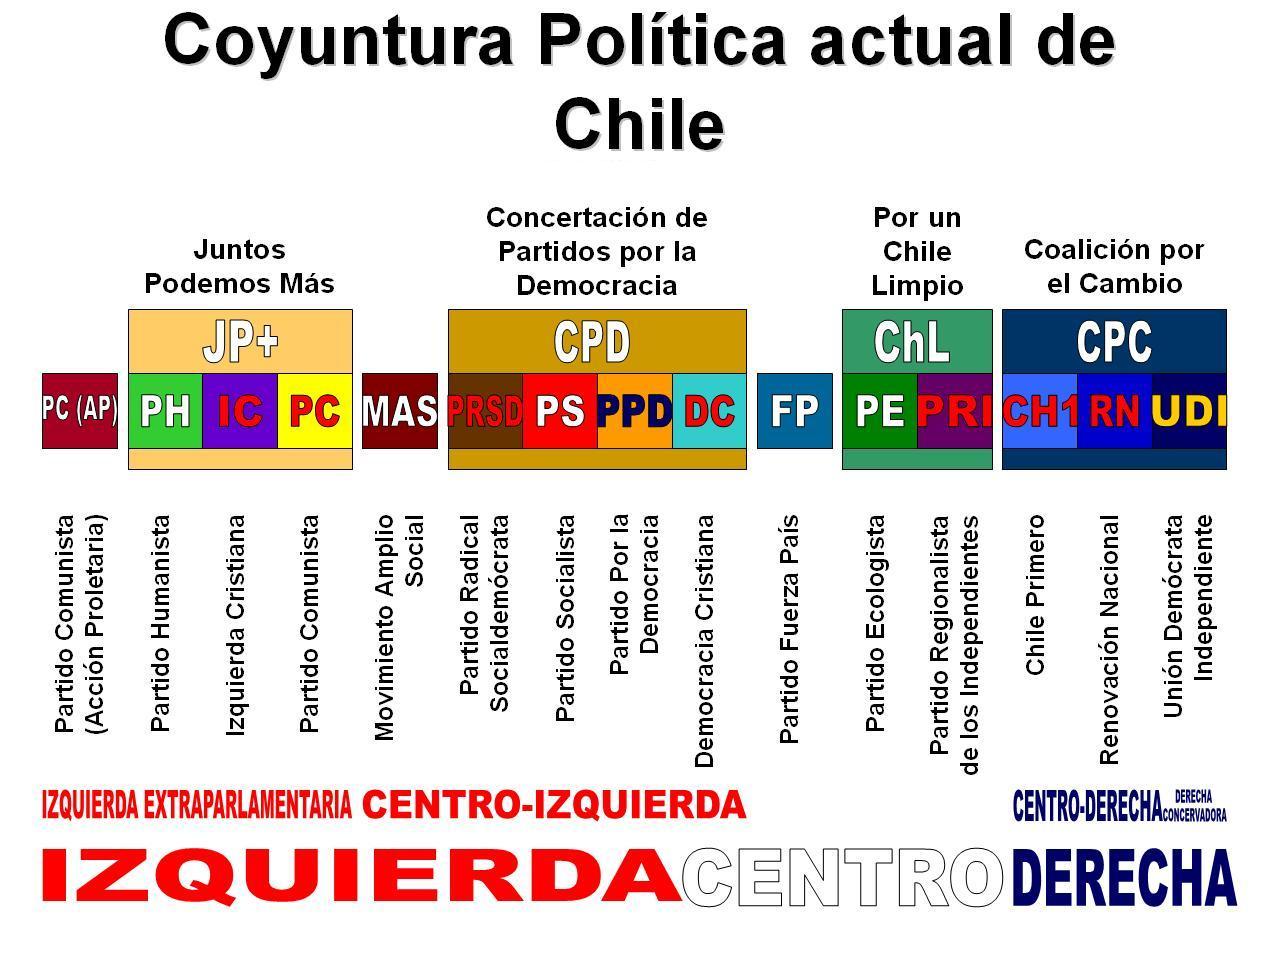 File:Coyuntura politica de Chile Junio 2009.JPG - Wikimedia Commons